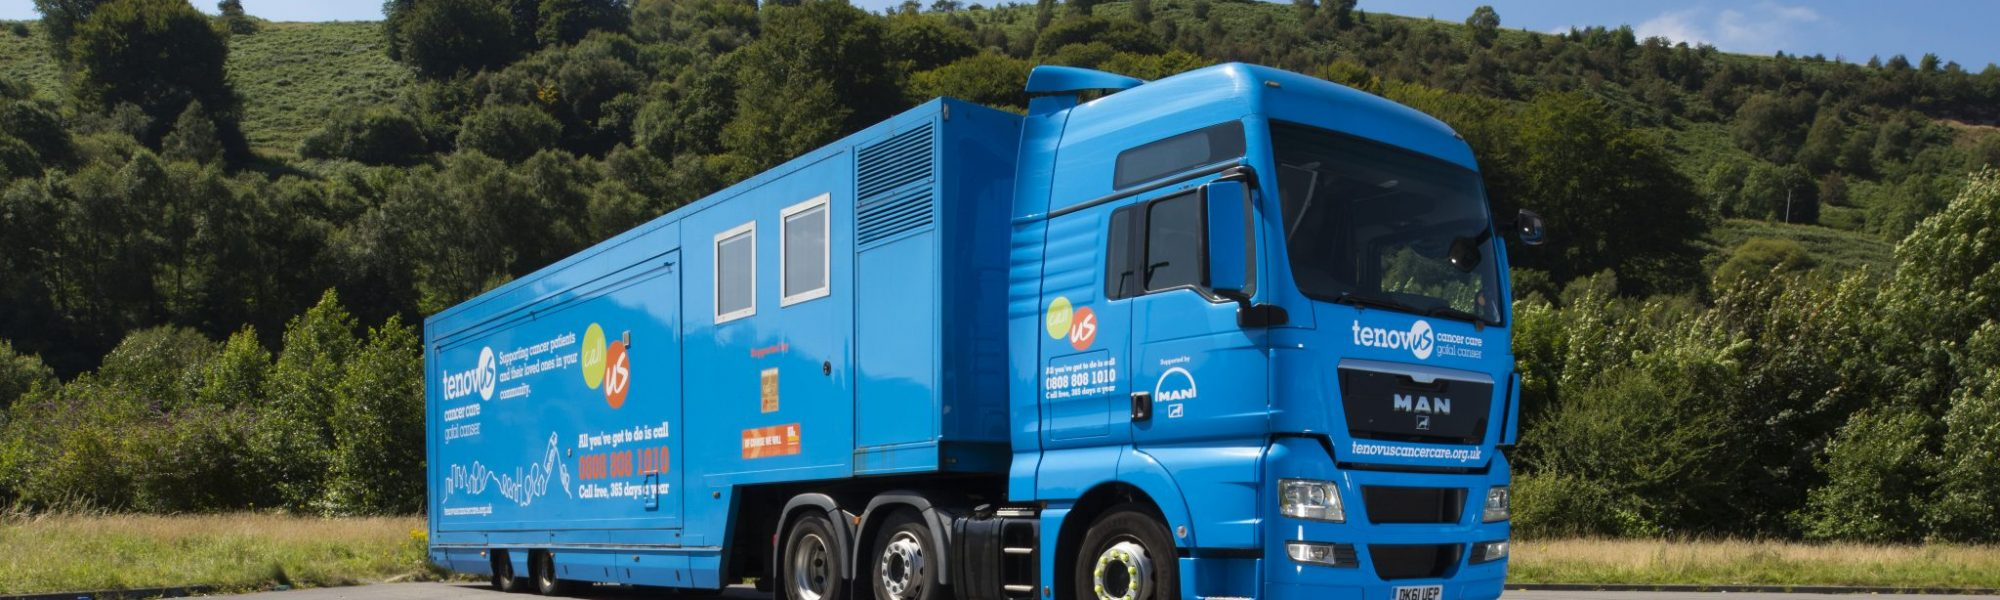 MH_160816_Mobile_Unit_001